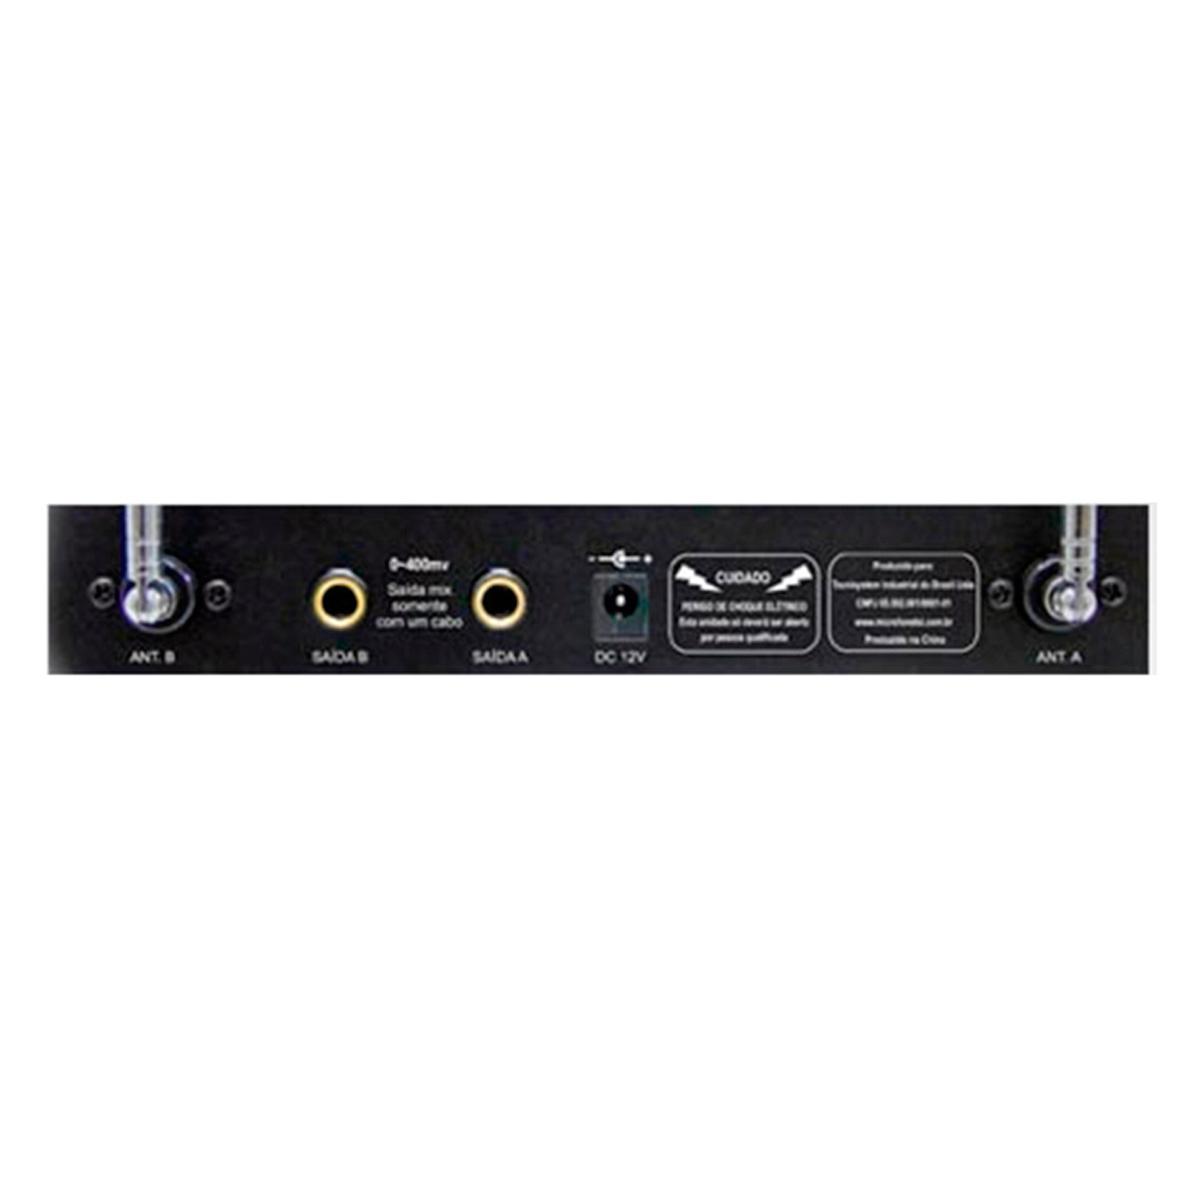 MS425 - Microfone s/ Fio de Mão Duplo VHF MS 425 - TSI